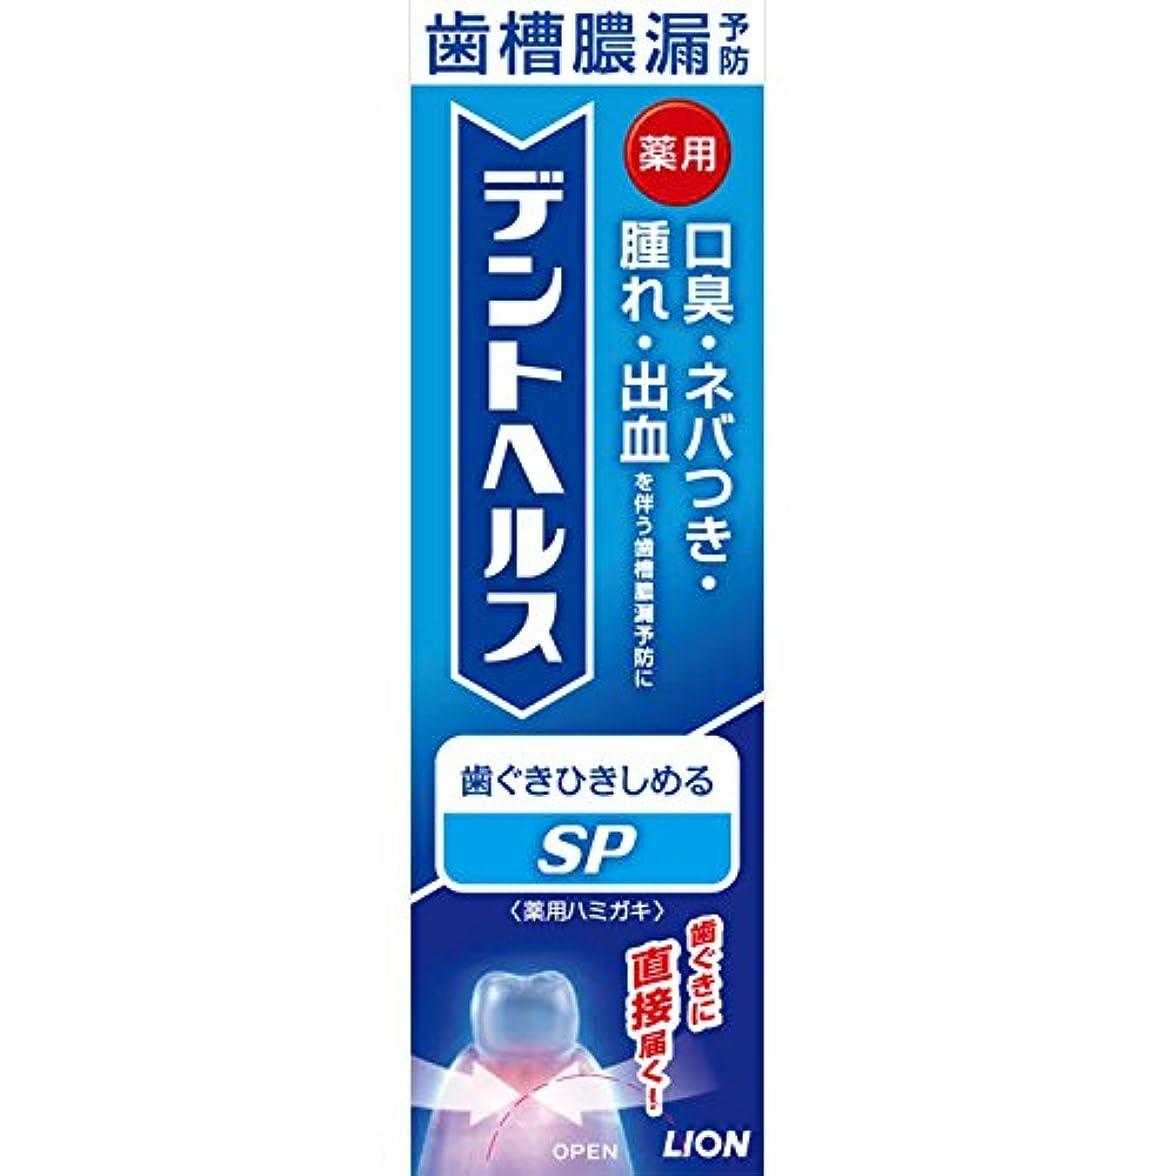 ミニ歩道読むデントヘルス薬用ハミガキSPメディカルハーブミント90g×10個